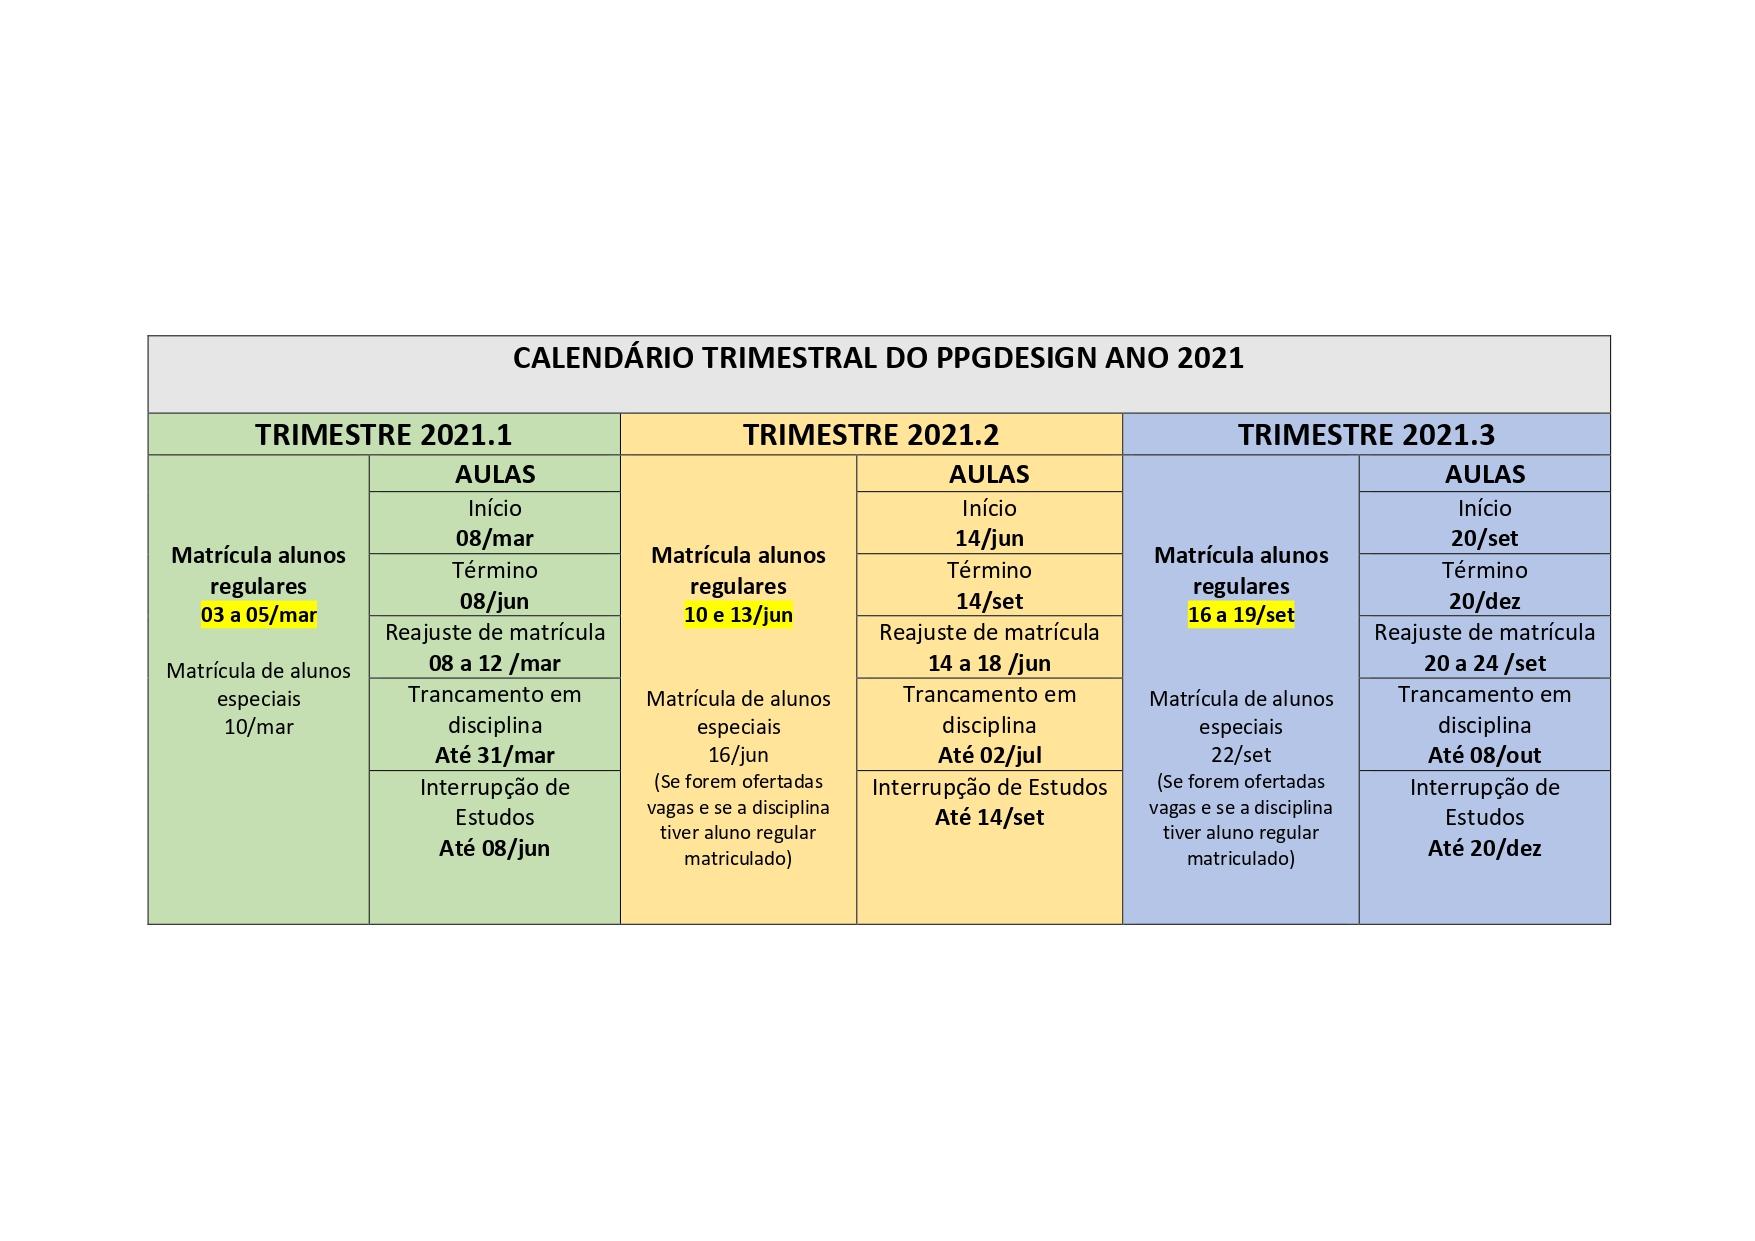 CALENDÁRIO TRIMESTRAL DO PPGDESIGN ANO 2021_page-0001